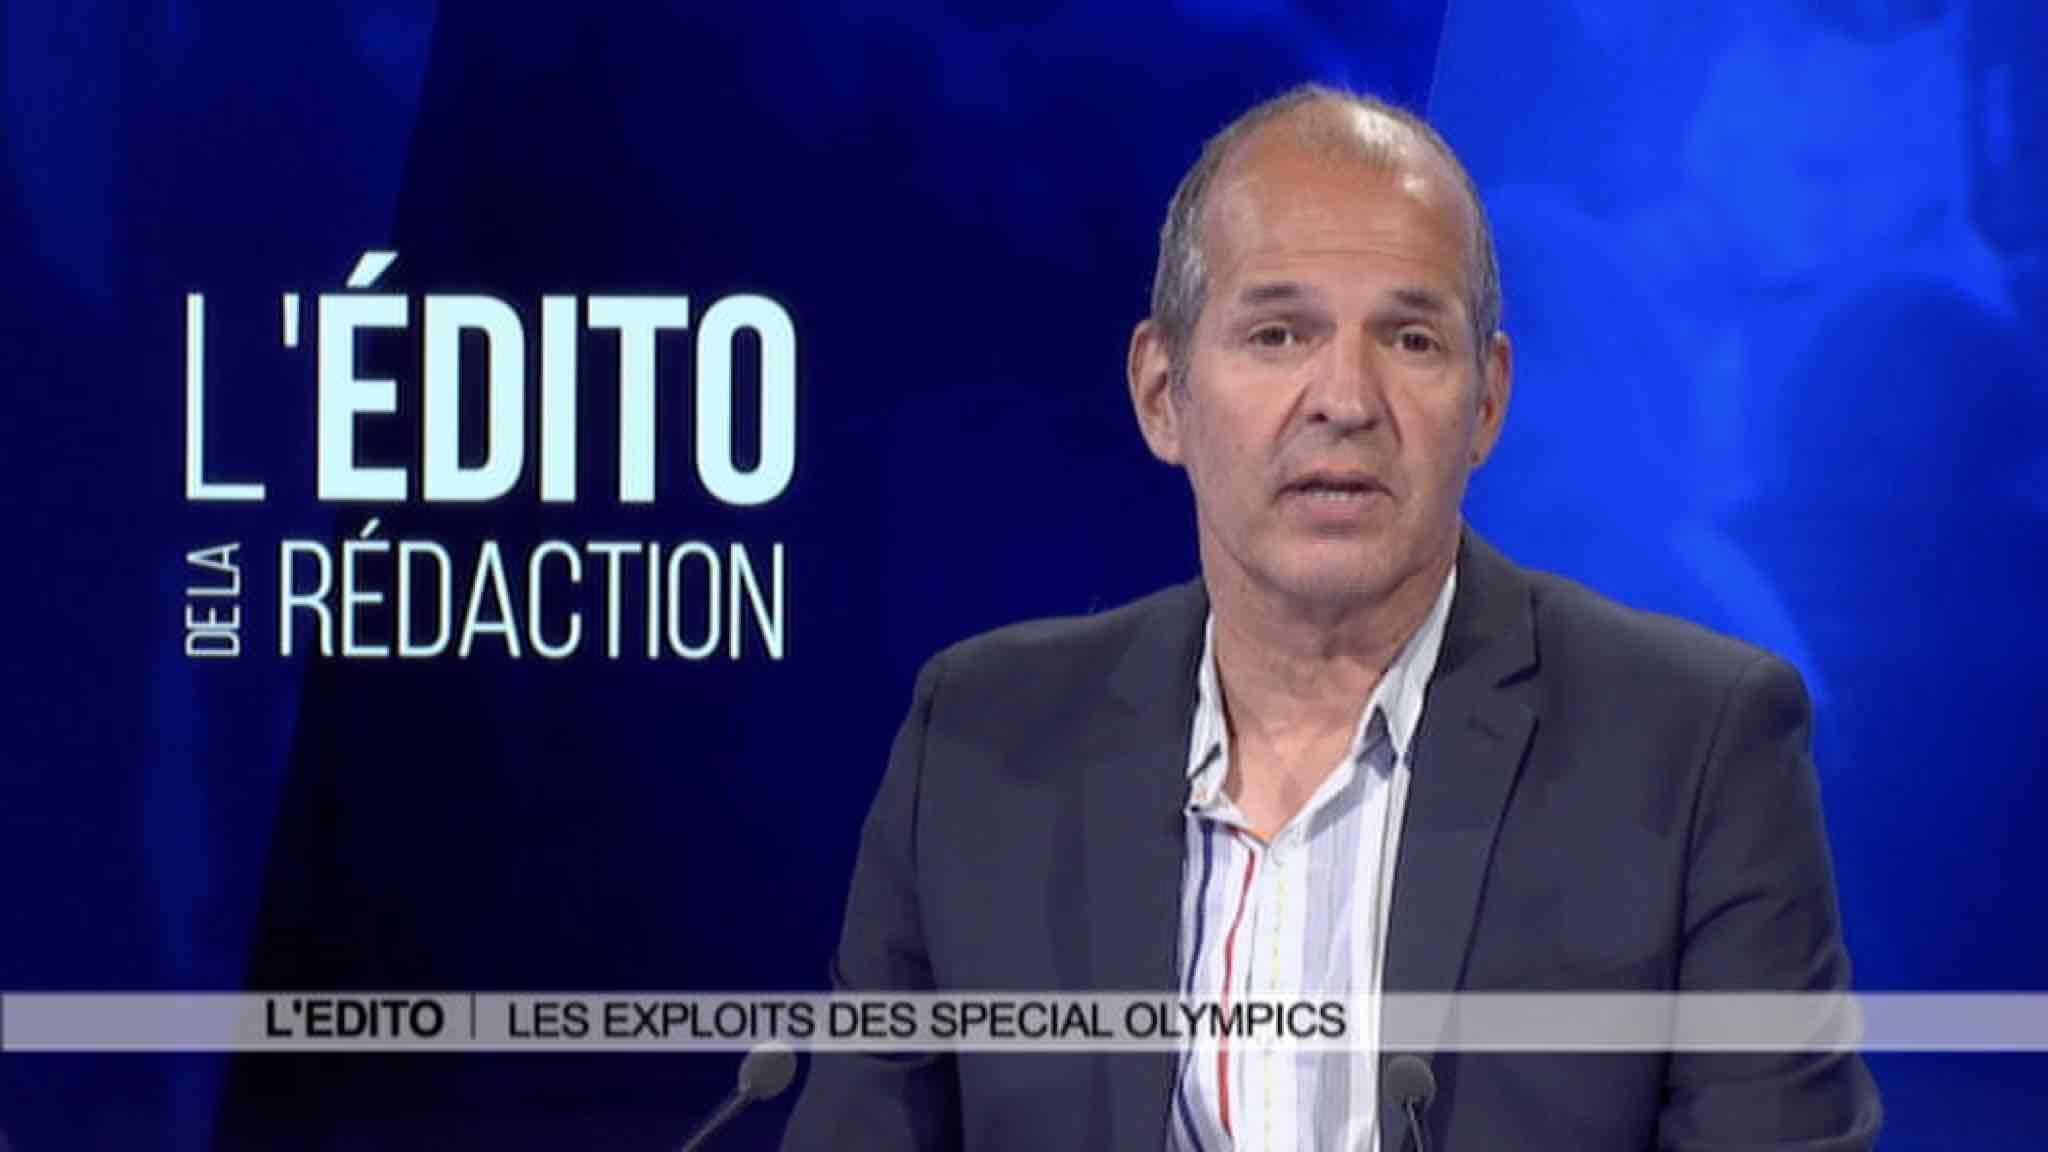 Edito: les exploits des Special Olympics